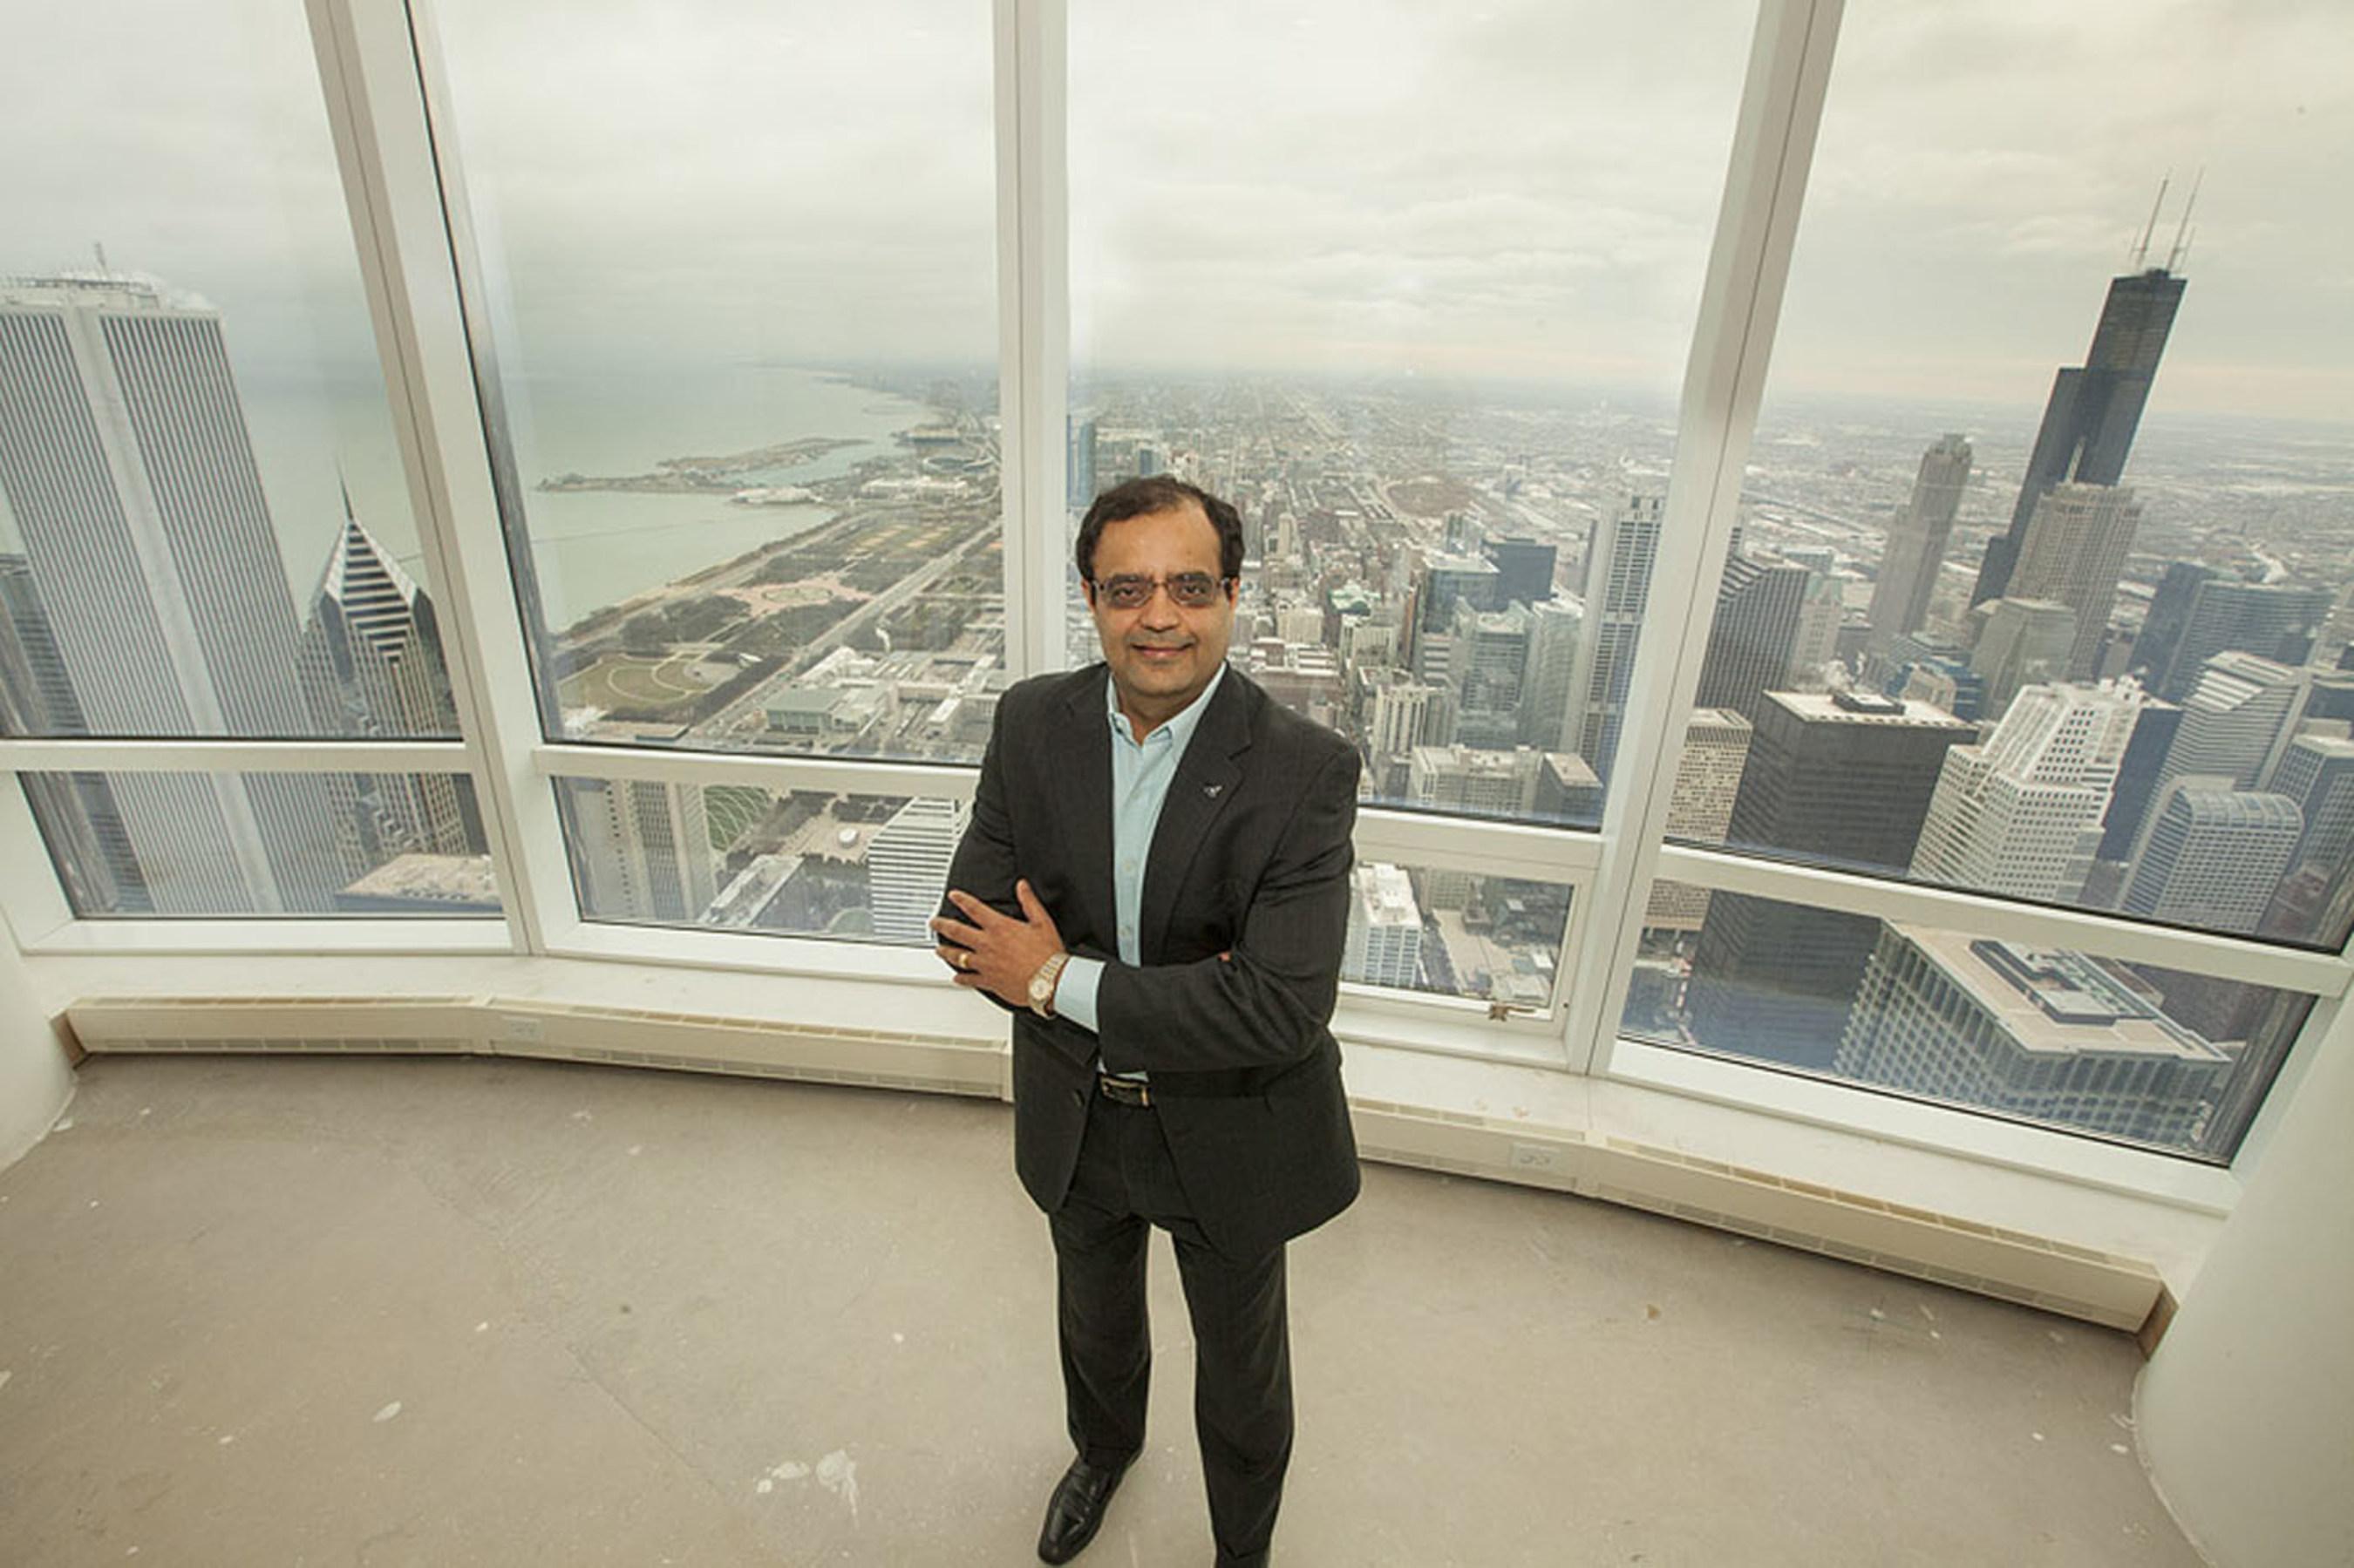 Sanjay Shah, Technologie-Pionier aus dem Großraum Chicago, dringt mit dem Erwerb des Trump